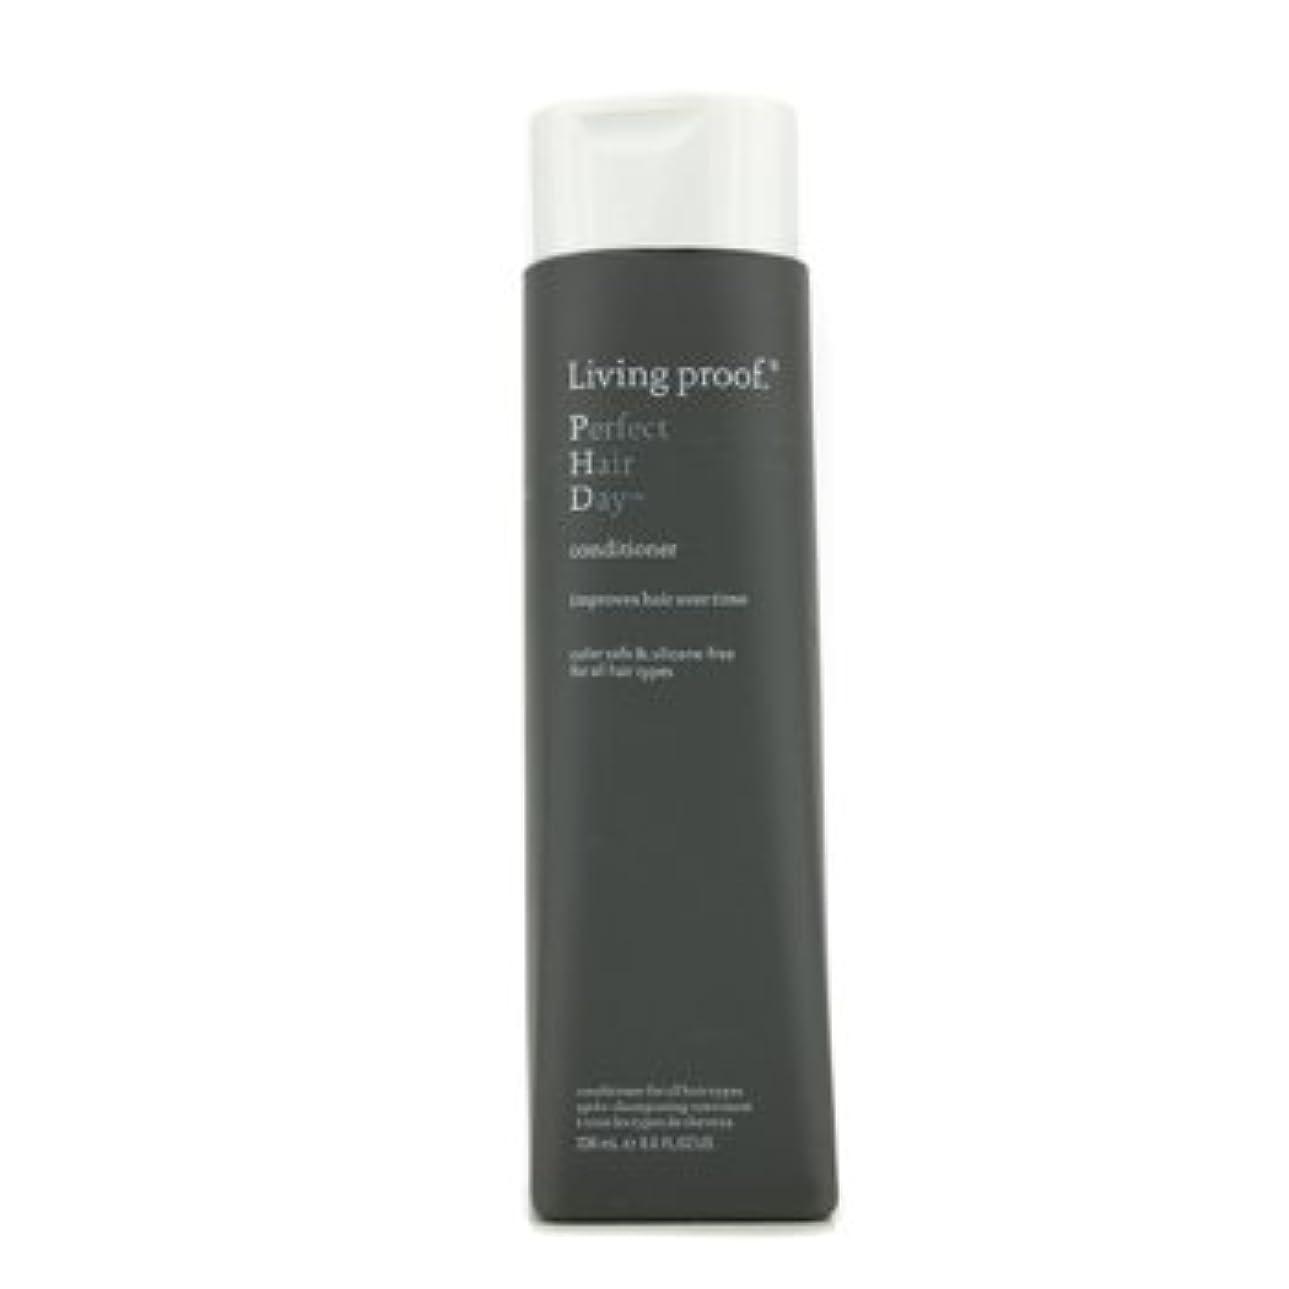 簡略化するアラビア語参照する[Living Proof] Perfect Hair Day (PHD) Conditioner (For All Hair Types) 236ml/8oz